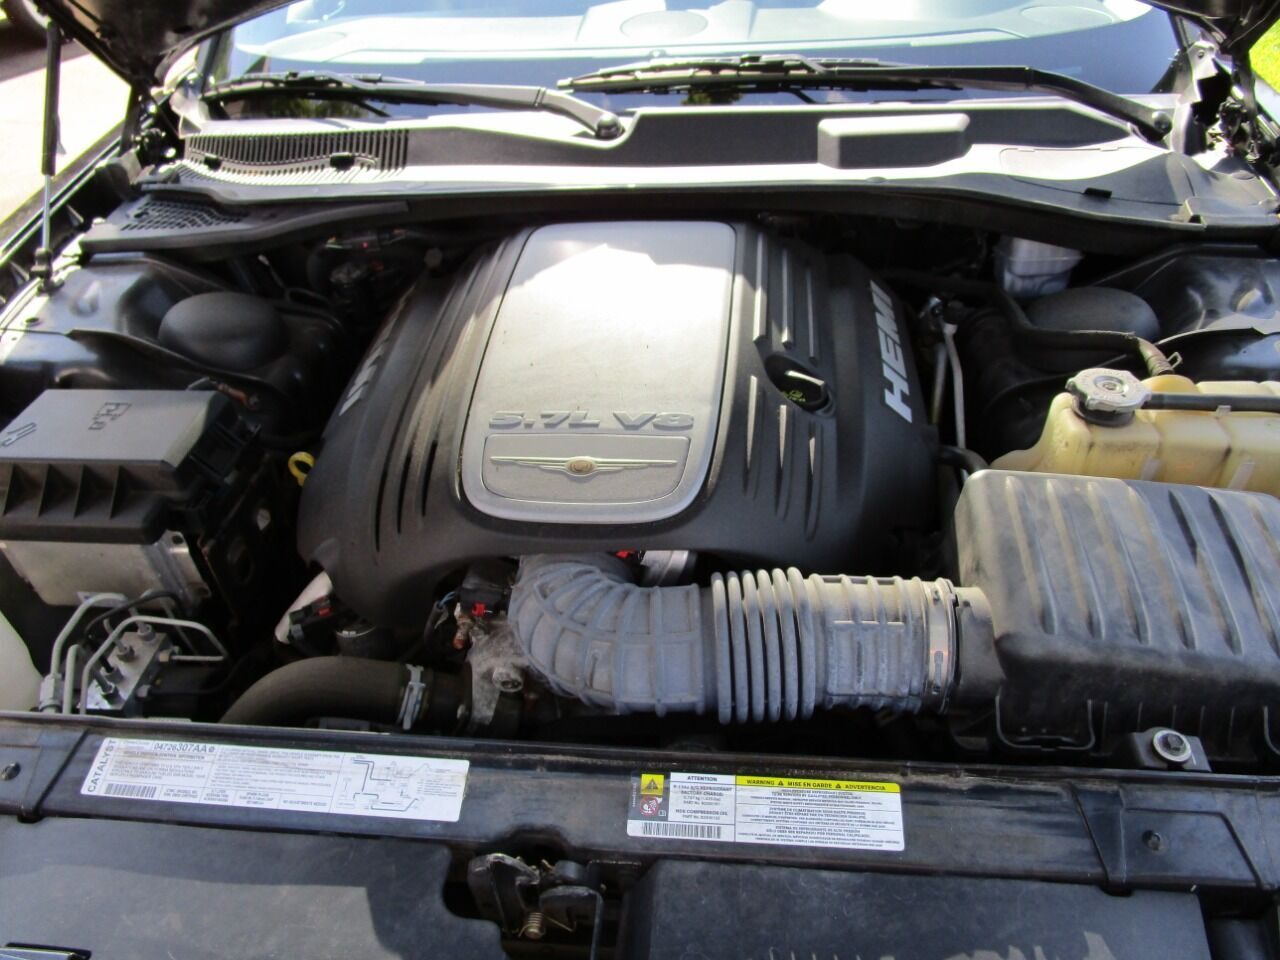 2006 Chrysler 300 90